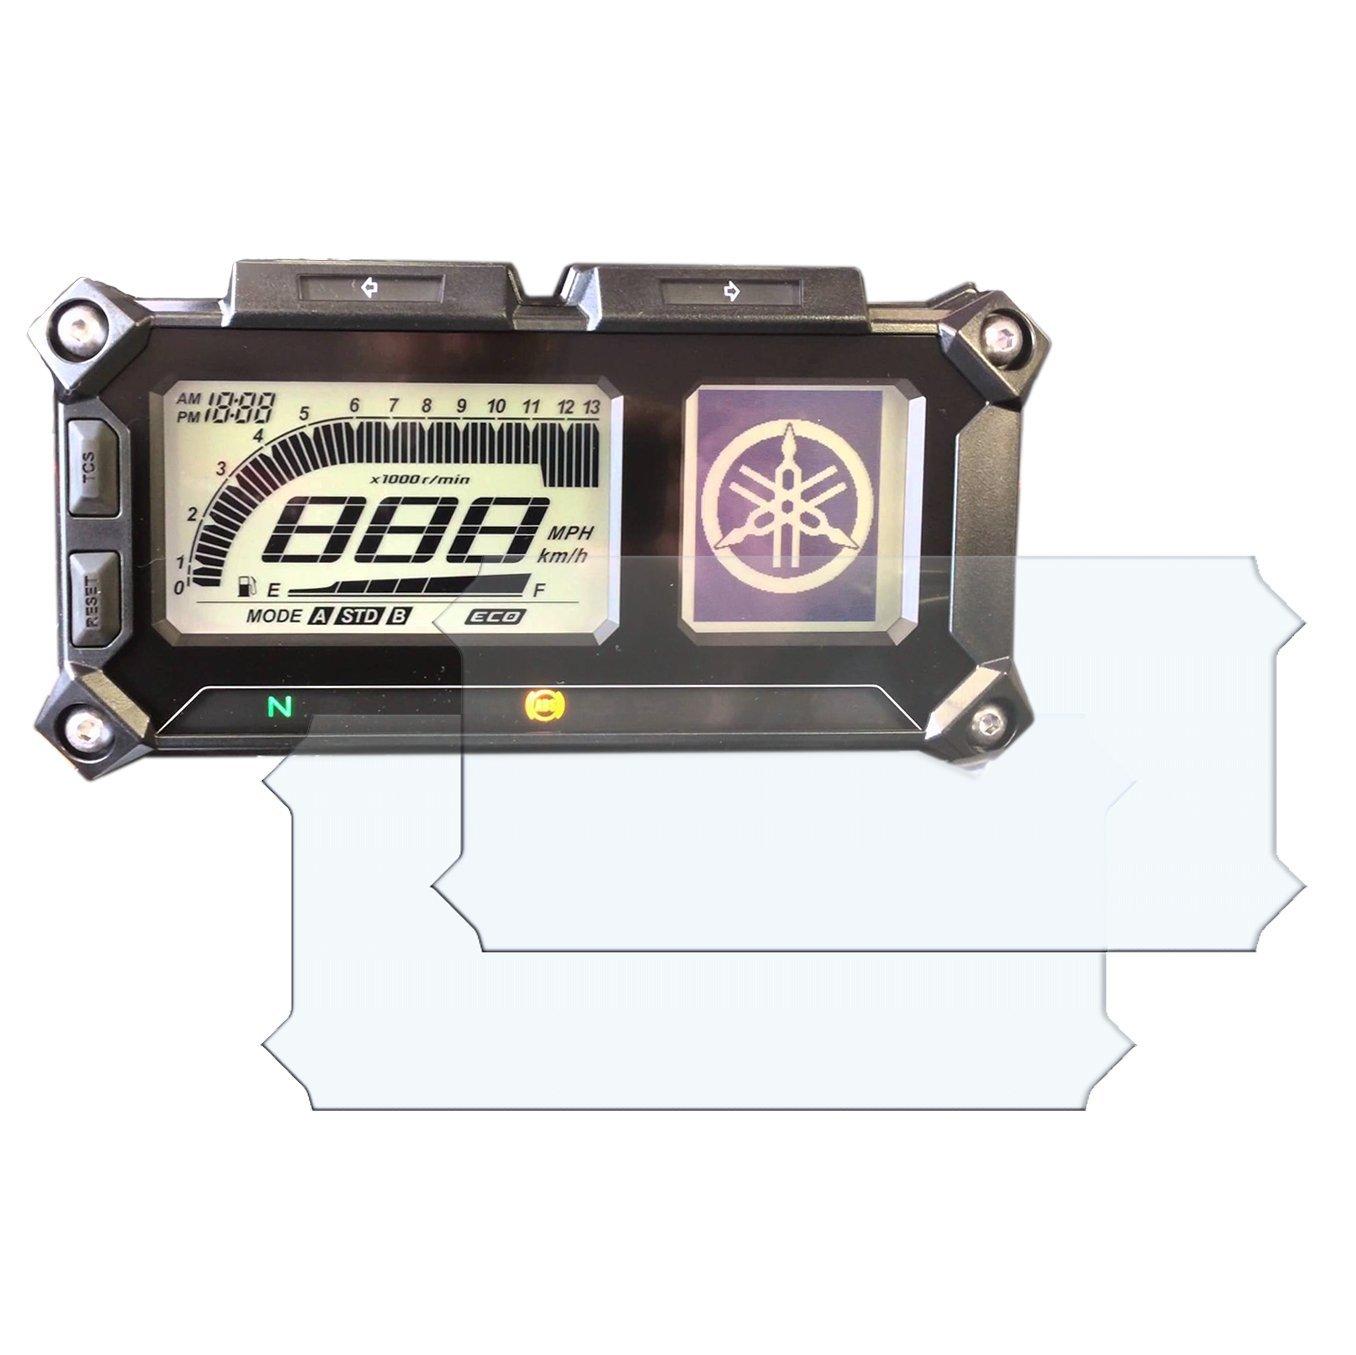 Speedo-Angels YAMAHA MT-09 900 TRACER tableau de bord / groupe d'instruments protecteur d'é cran - 1 x extrê mement clair & 1x anti-é blouissement SAYAM900TR11